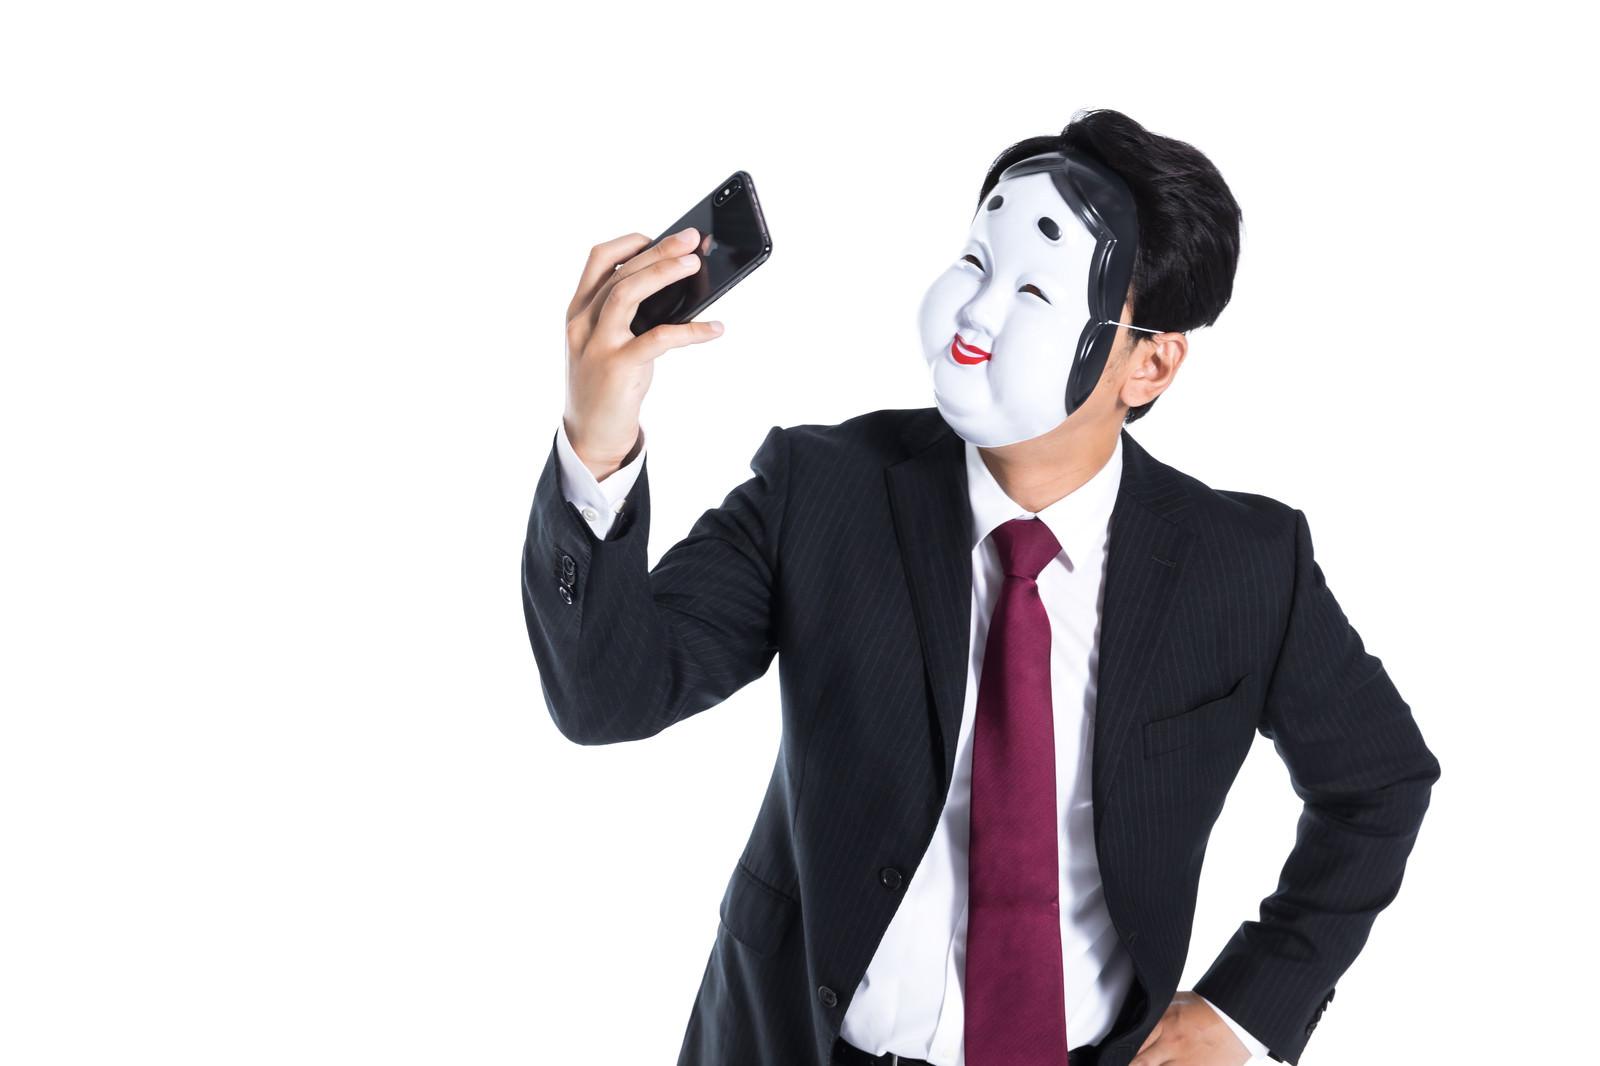 「カメラアプリで非肌フィルターを使う」の写真[モデル:大川竜弥]